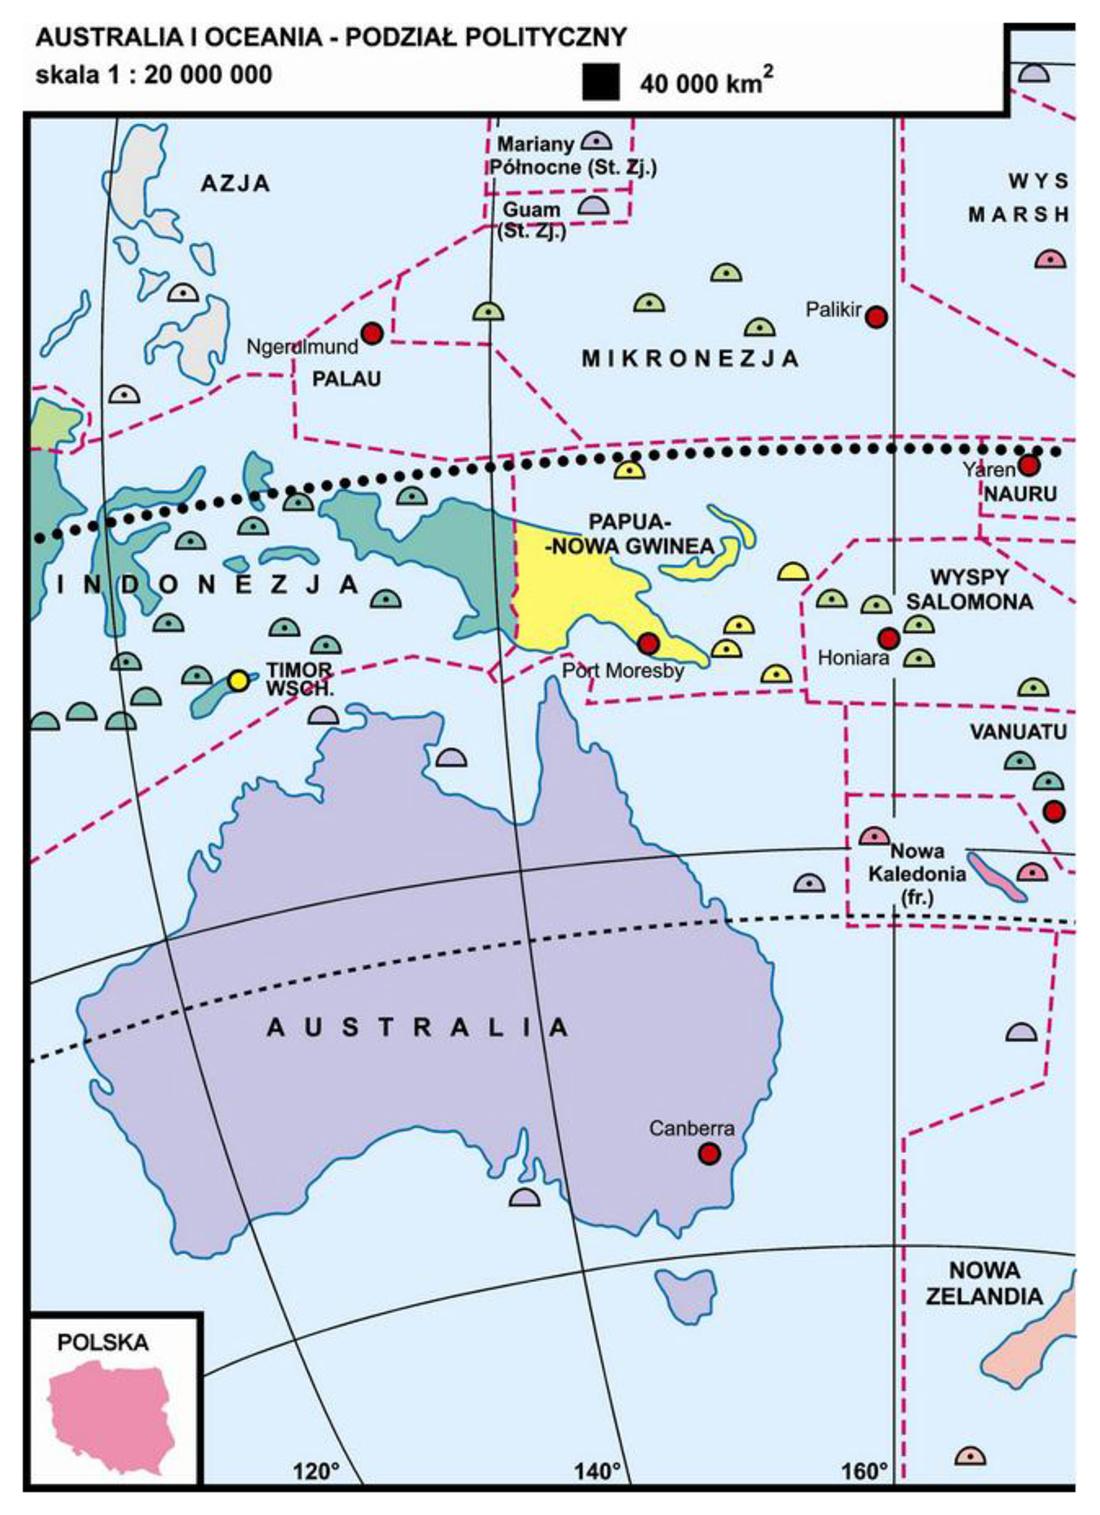 36 Australia I Oceania Podzial Polityczny